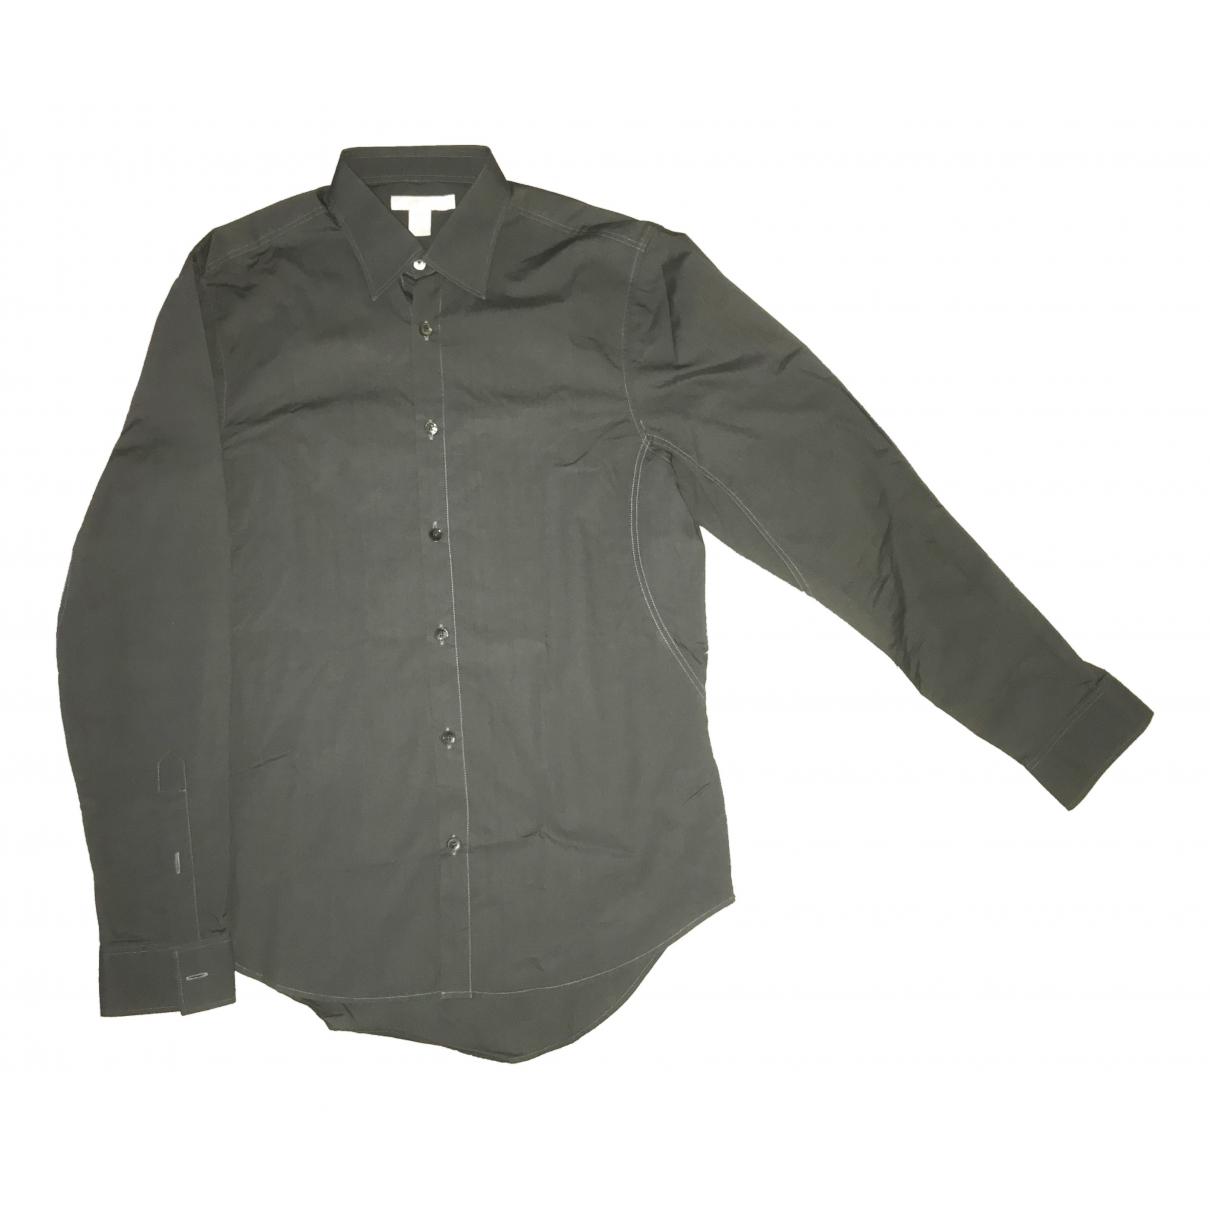 Adidas - Chemises   pour homme en coton - anthracite